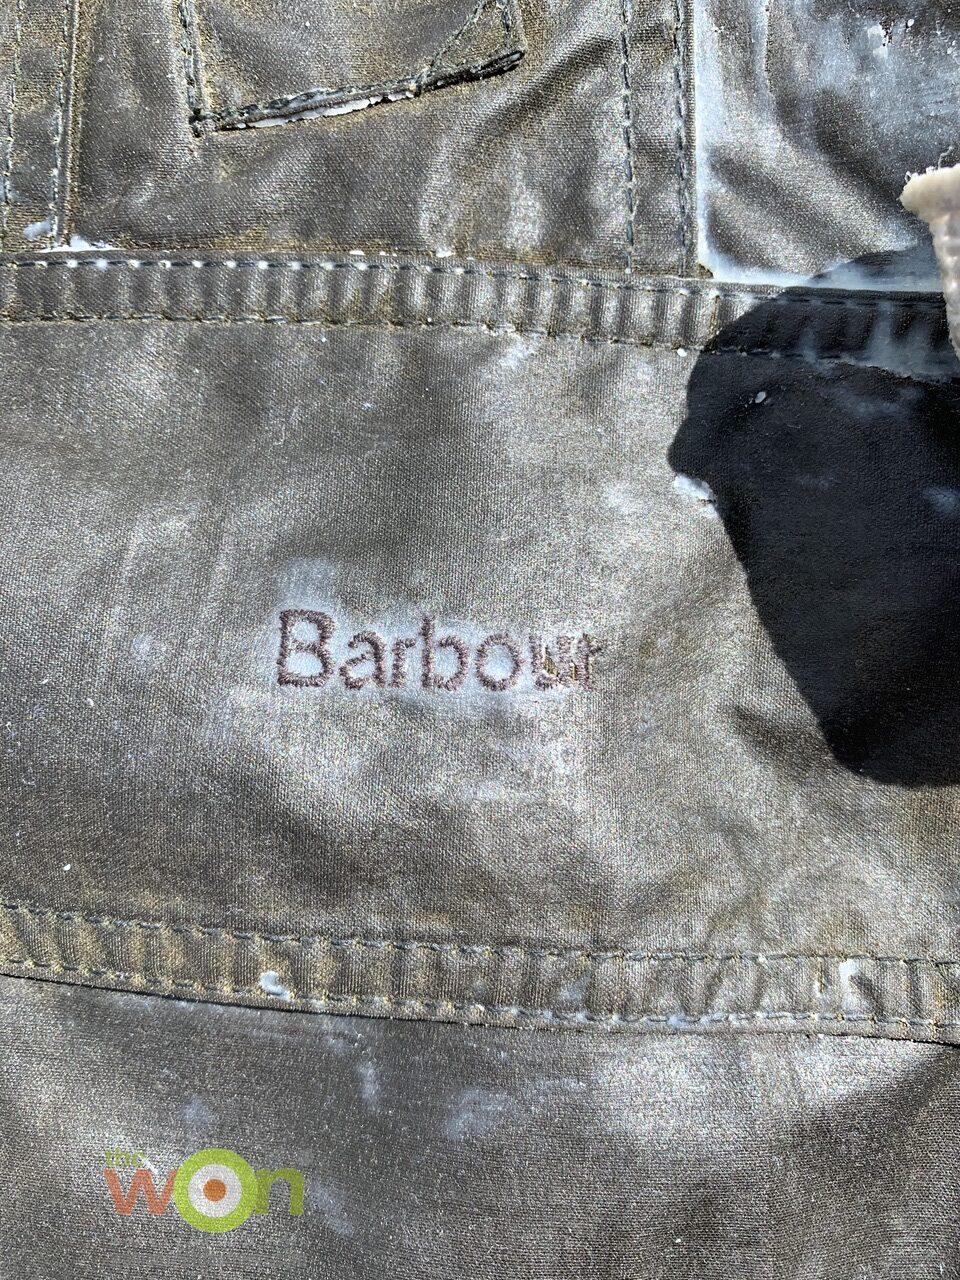 wax on jacket pocket